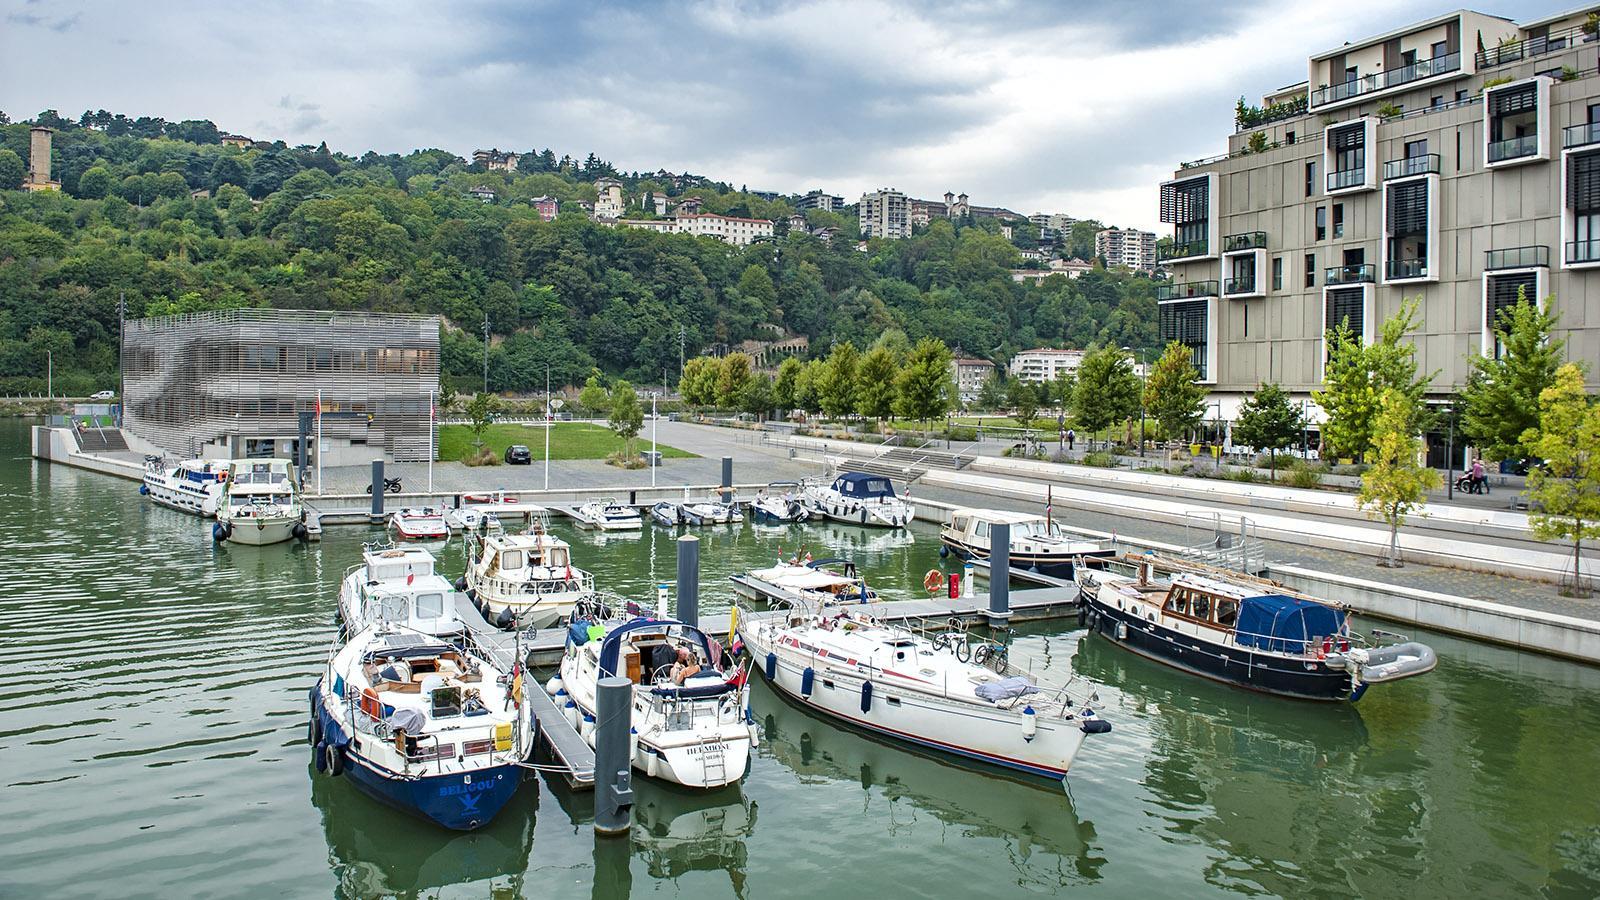 Wohnen am Wasser - in La Confluence mitten in der Stadt. Foto: Hilke Maunder